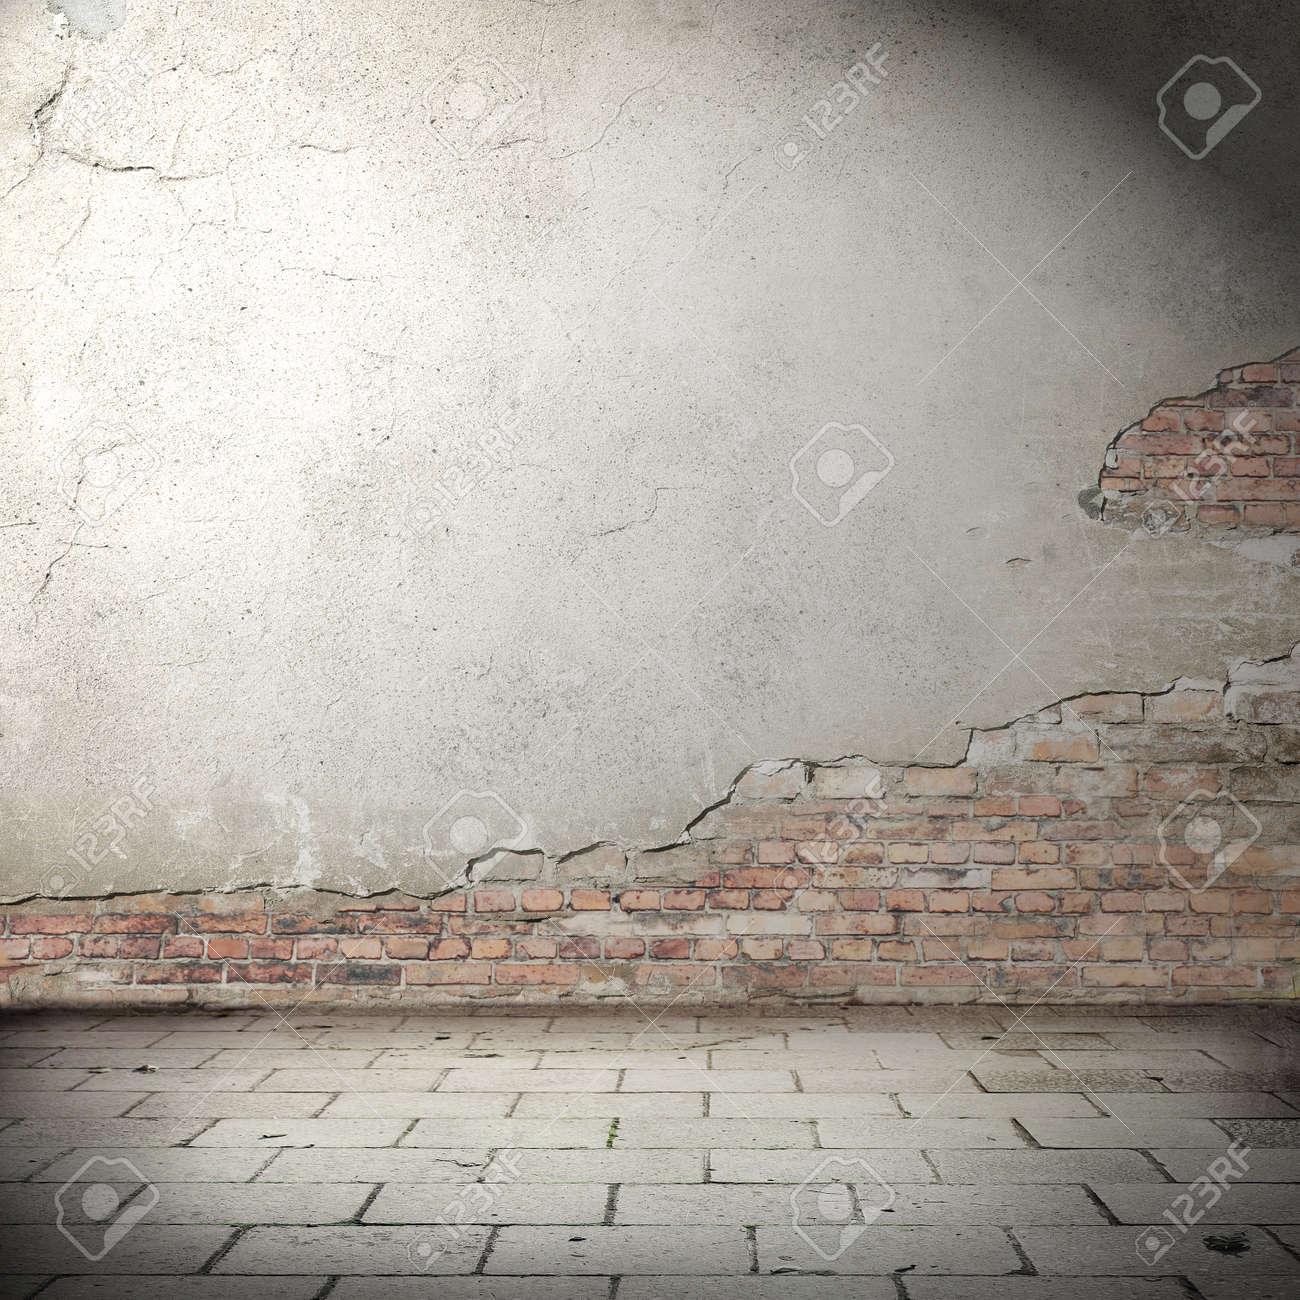 Banque Du0027images   Fond Urbain Avec Vignette Ombre, Mur De Briques En Plâtre  Texture Et Le Béton Plancher Dallage Comme Abandonné Fond Grunge Extérieur  Pour ...